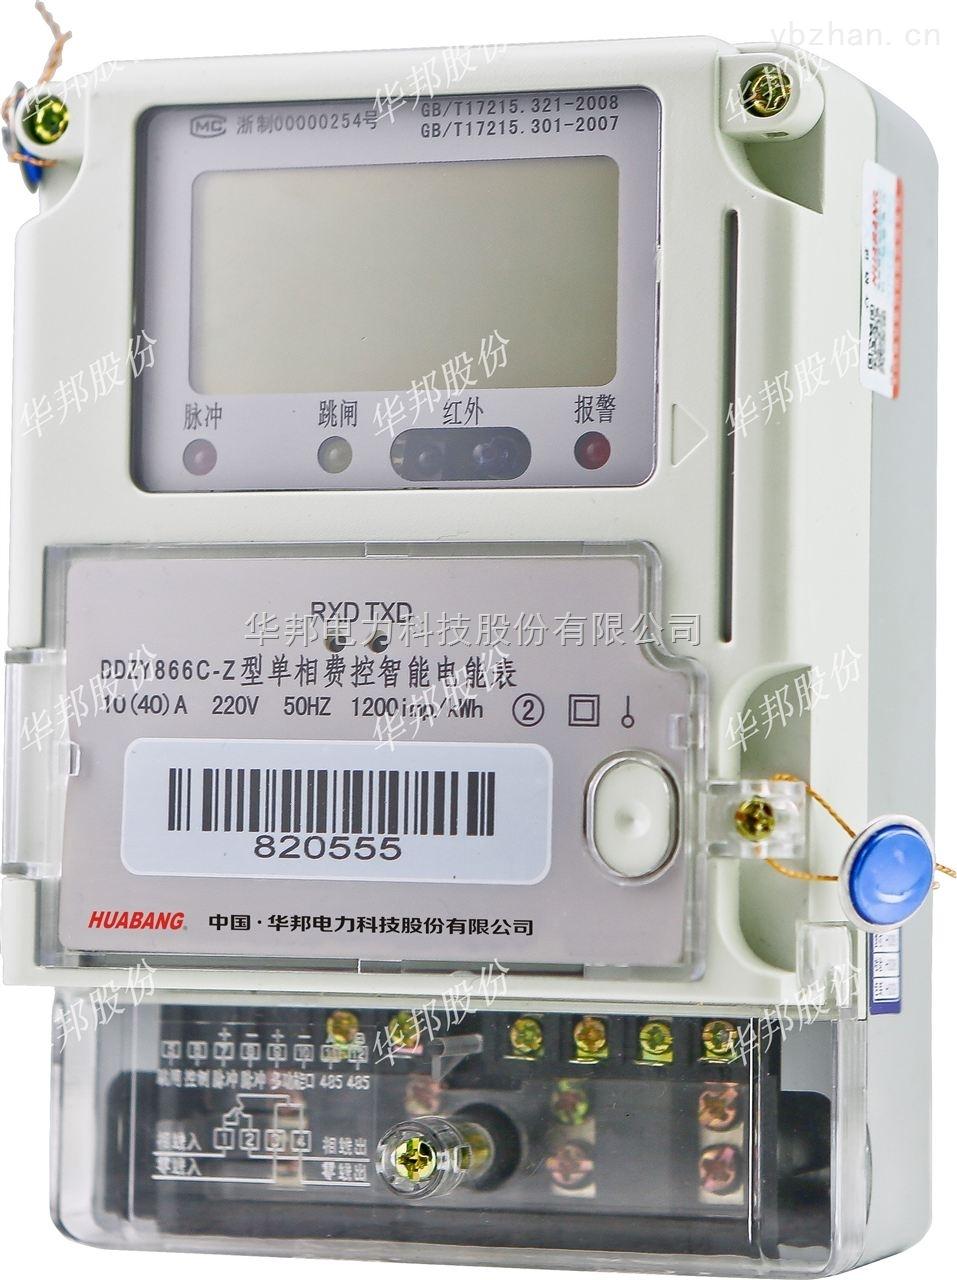 DDZY866C-Z-改造費控智能電表